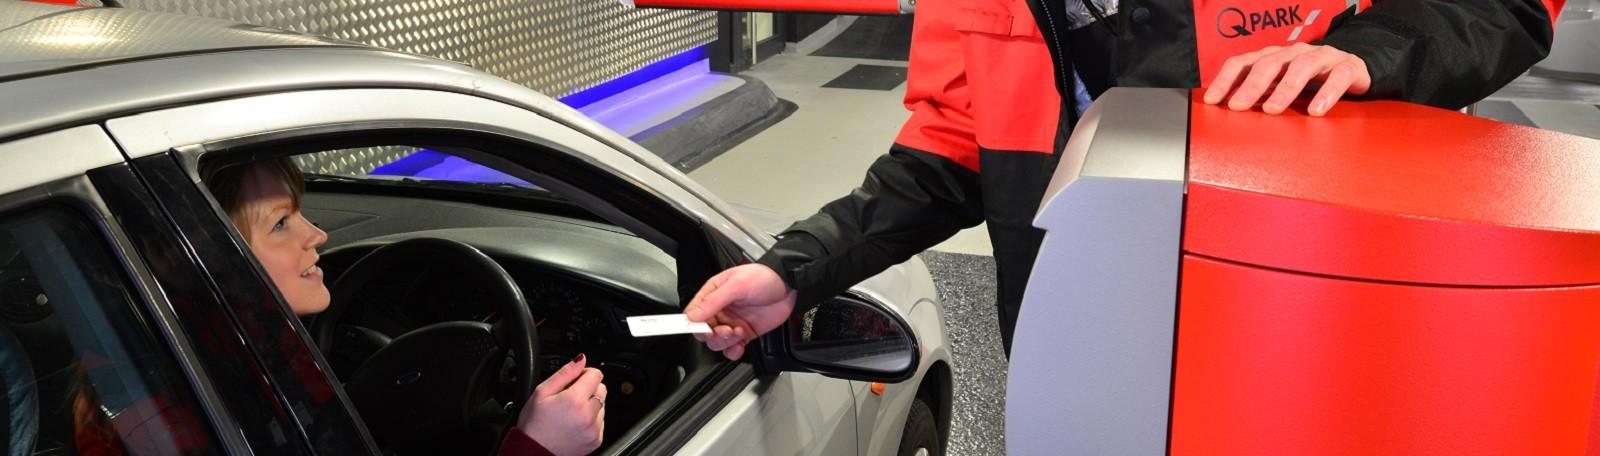 Stationner entre 3 heures et 2 mois - Réservez votre place de parking